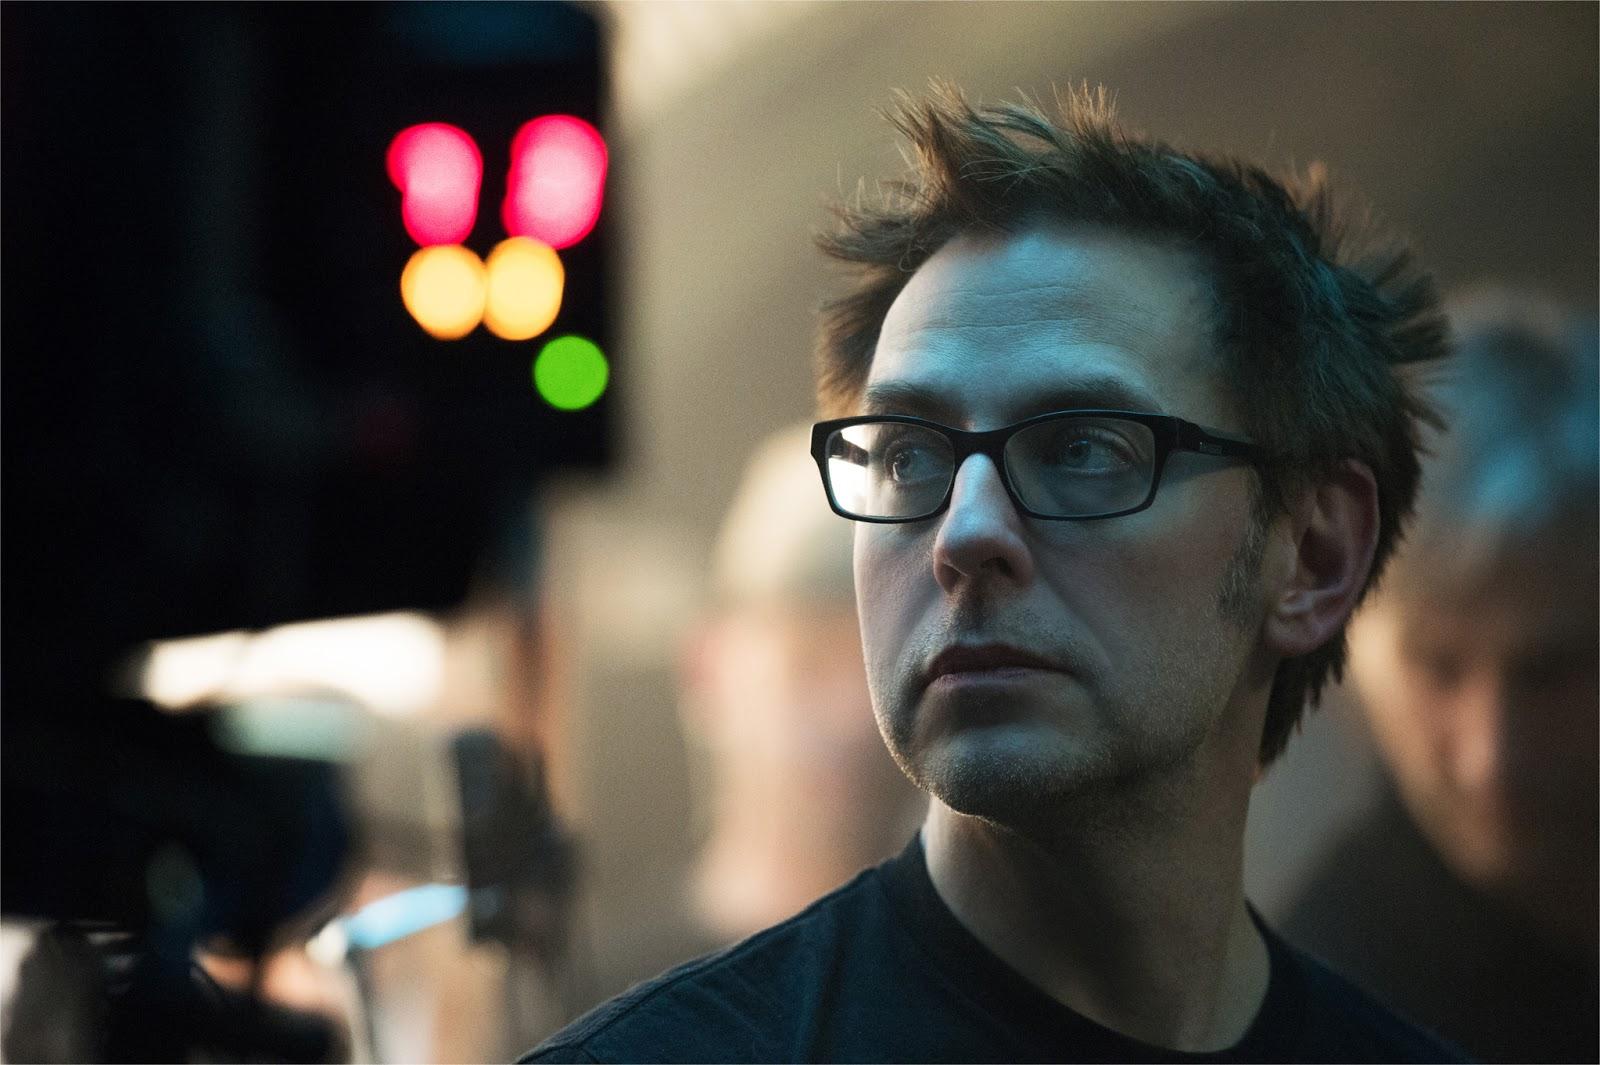 Guardians of the Galaxy Vol.3 : 「ガーディアンズ・オブ・ザ・ギャラクシー Vol.3」の新監督が、ついに決定 ! !、ライバルのワーナー・DC の「新・スーサイド・スクワッド」のジェームズ・ガン監督を大抜擢 ! !